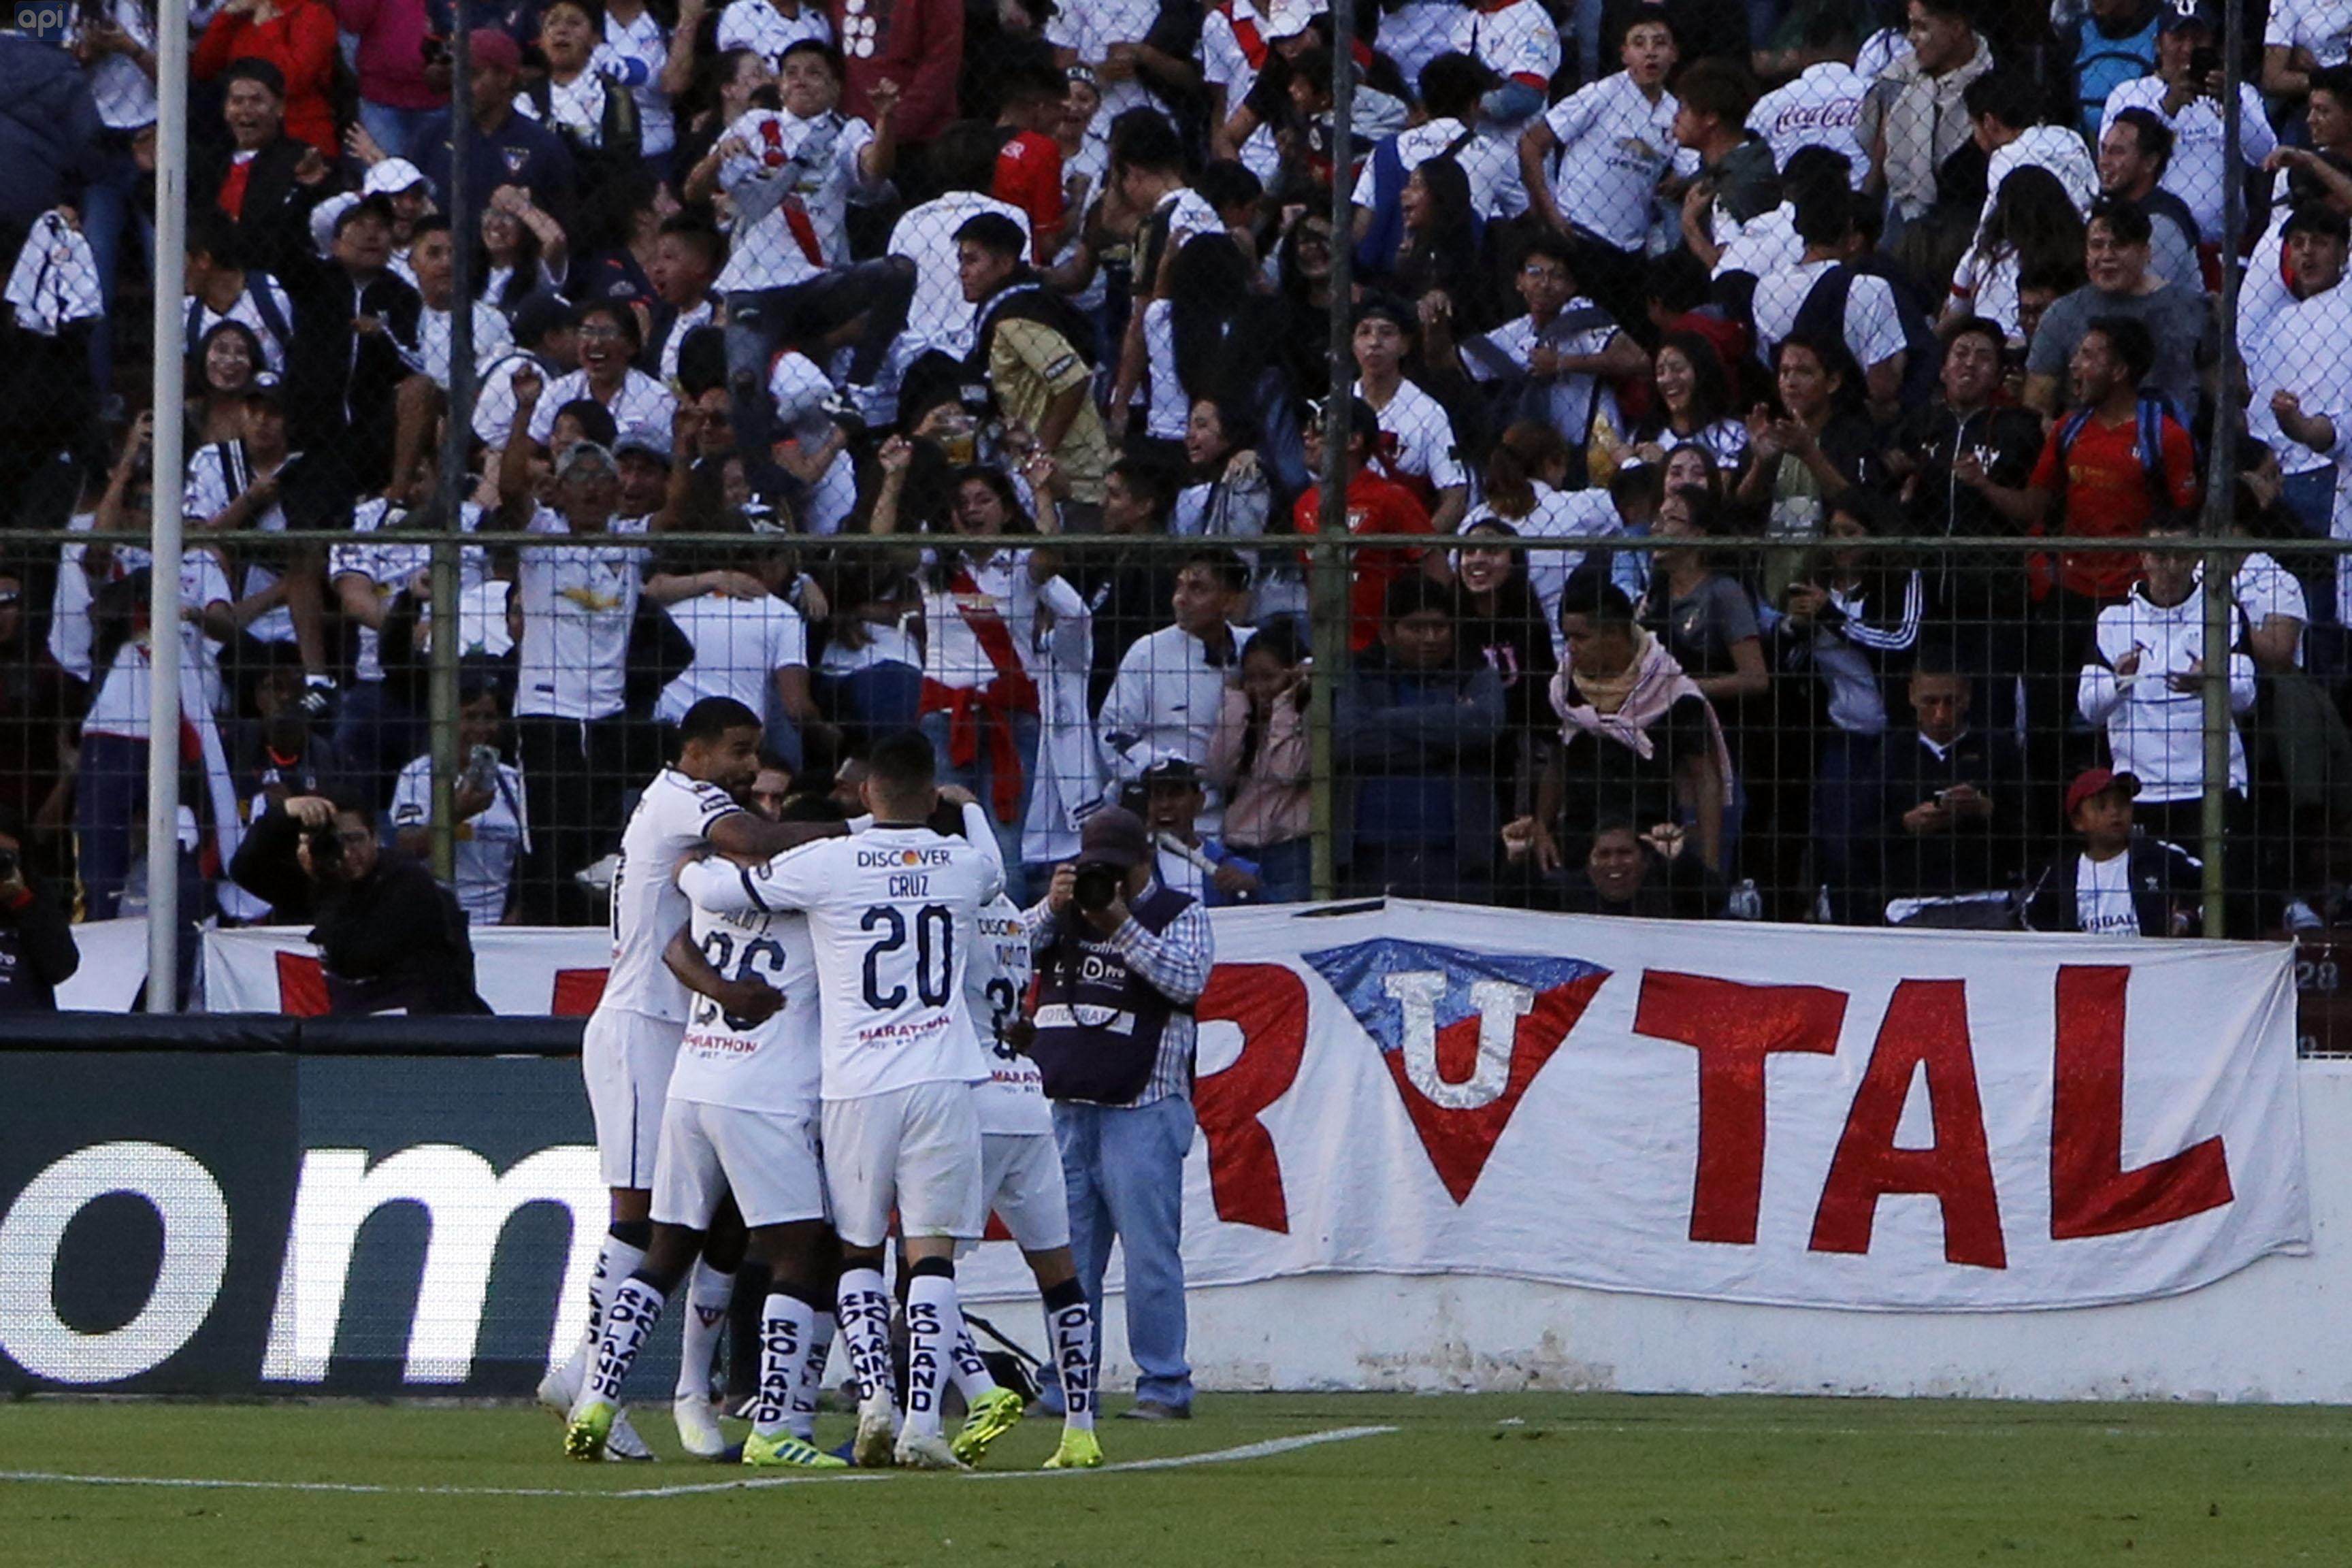 Este sábado a las 18:00, Liga de Quito recibirá a Universidad Católica, un duelo que sin duda promete un buen espectáculo